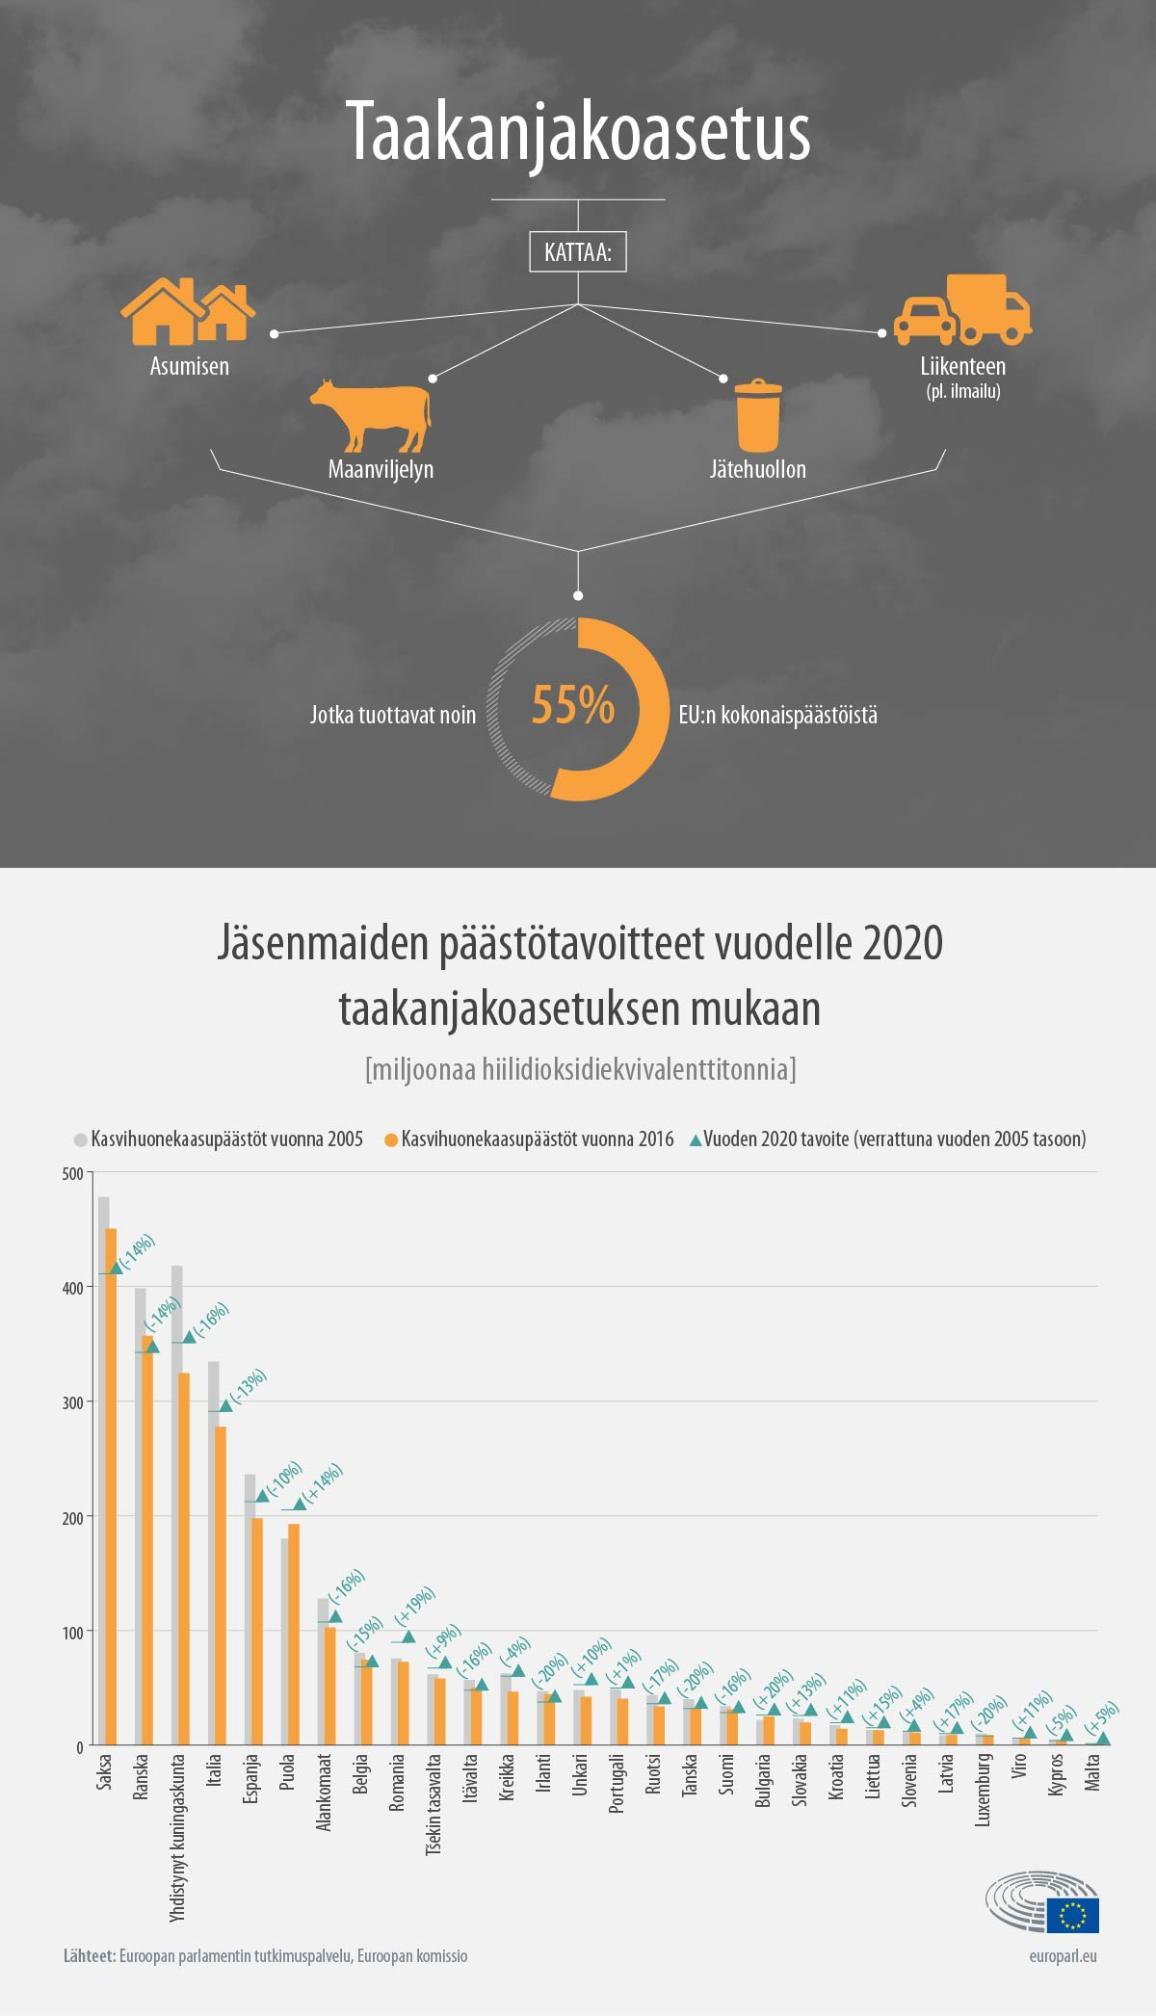 Taakanjakoasetuksessa sovitut kansalliset päästövähennystavoitteet